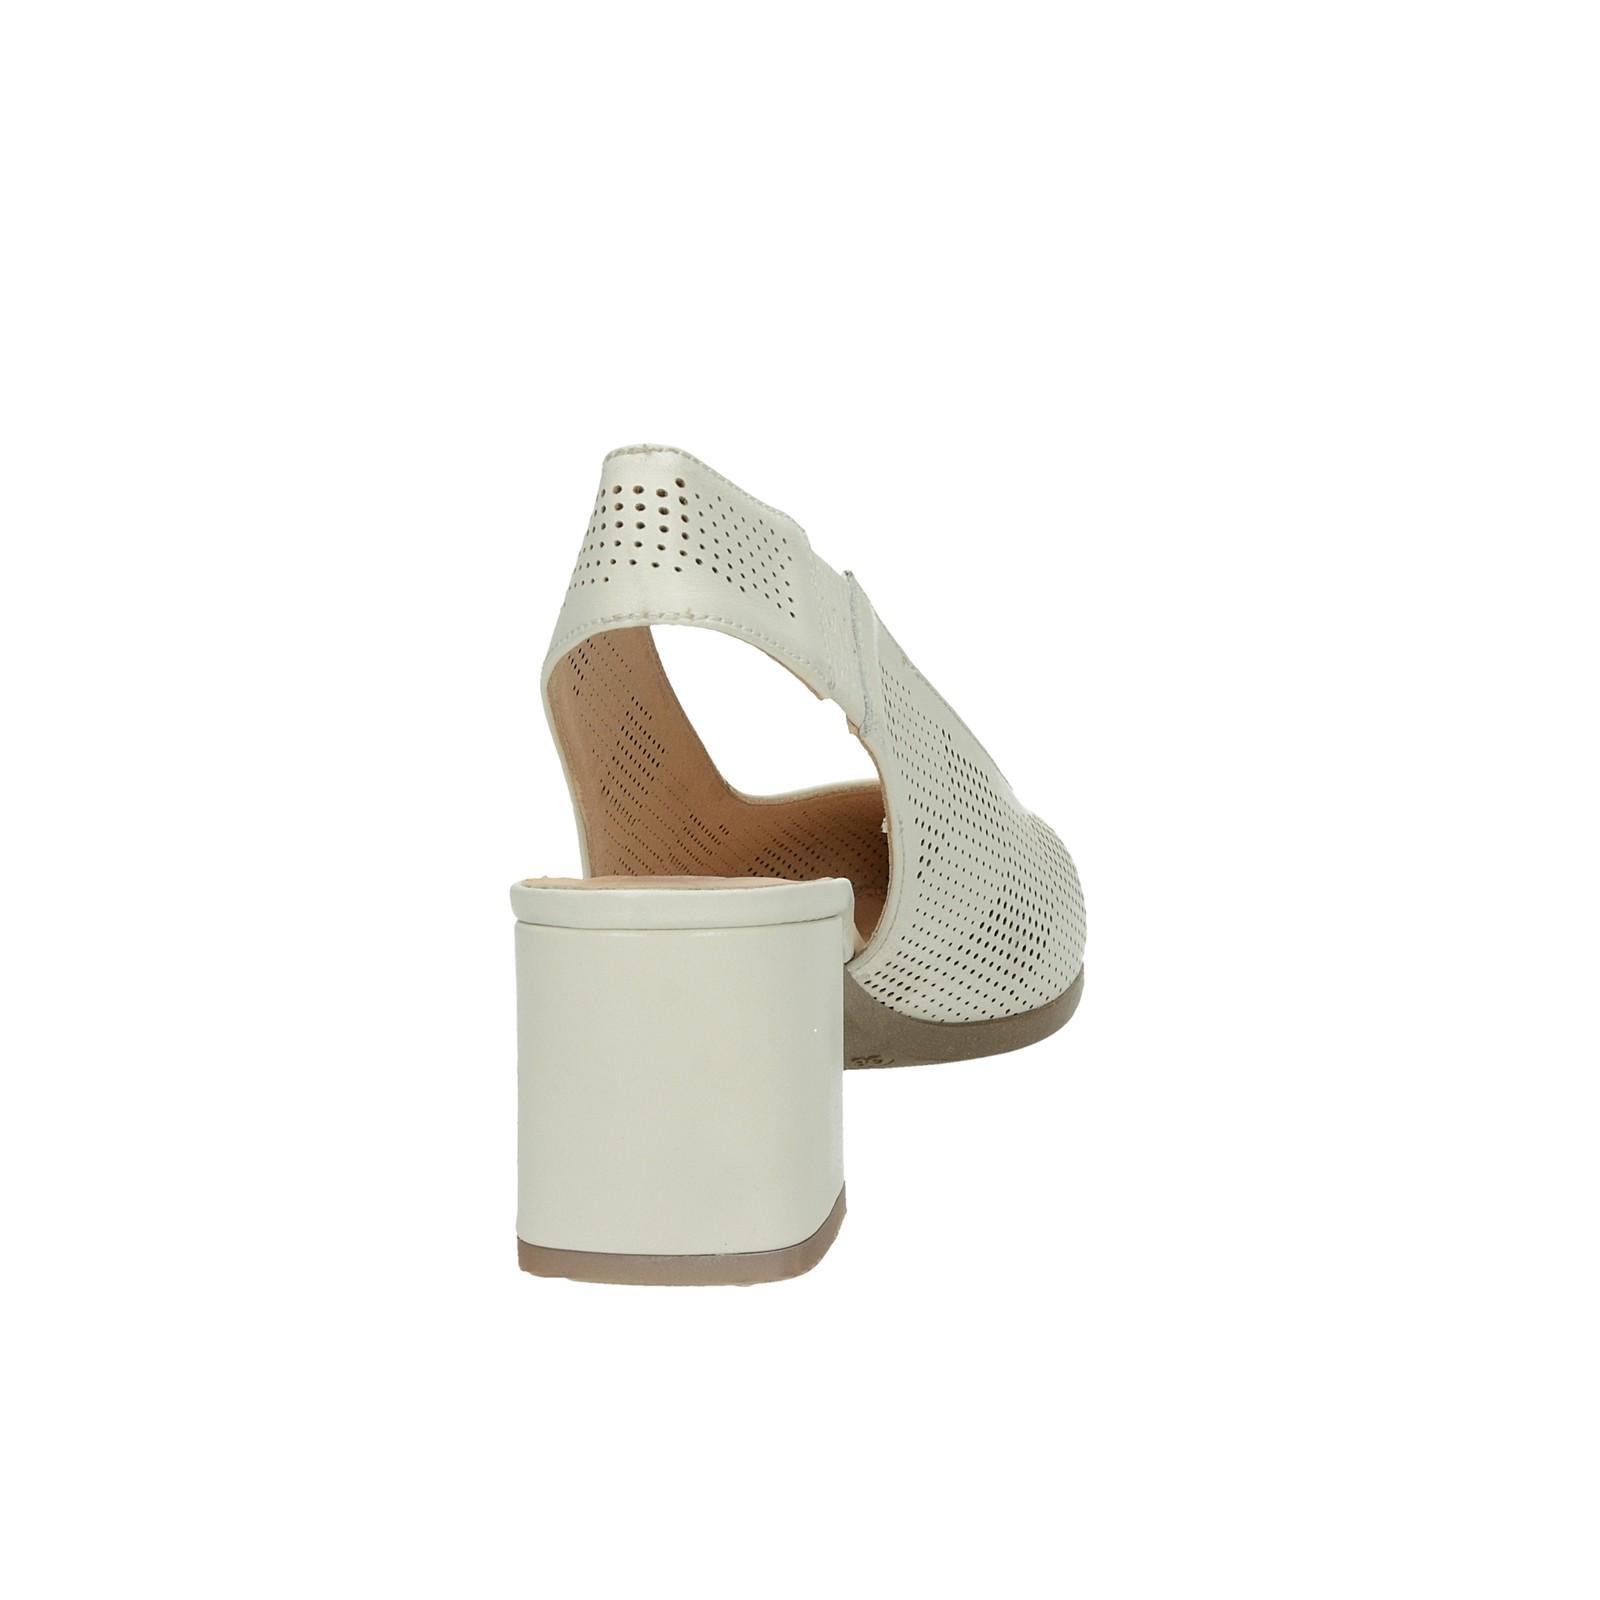 c0c2323d92 ... Hispanitas dámské kožené perforované sandály - béžové ...